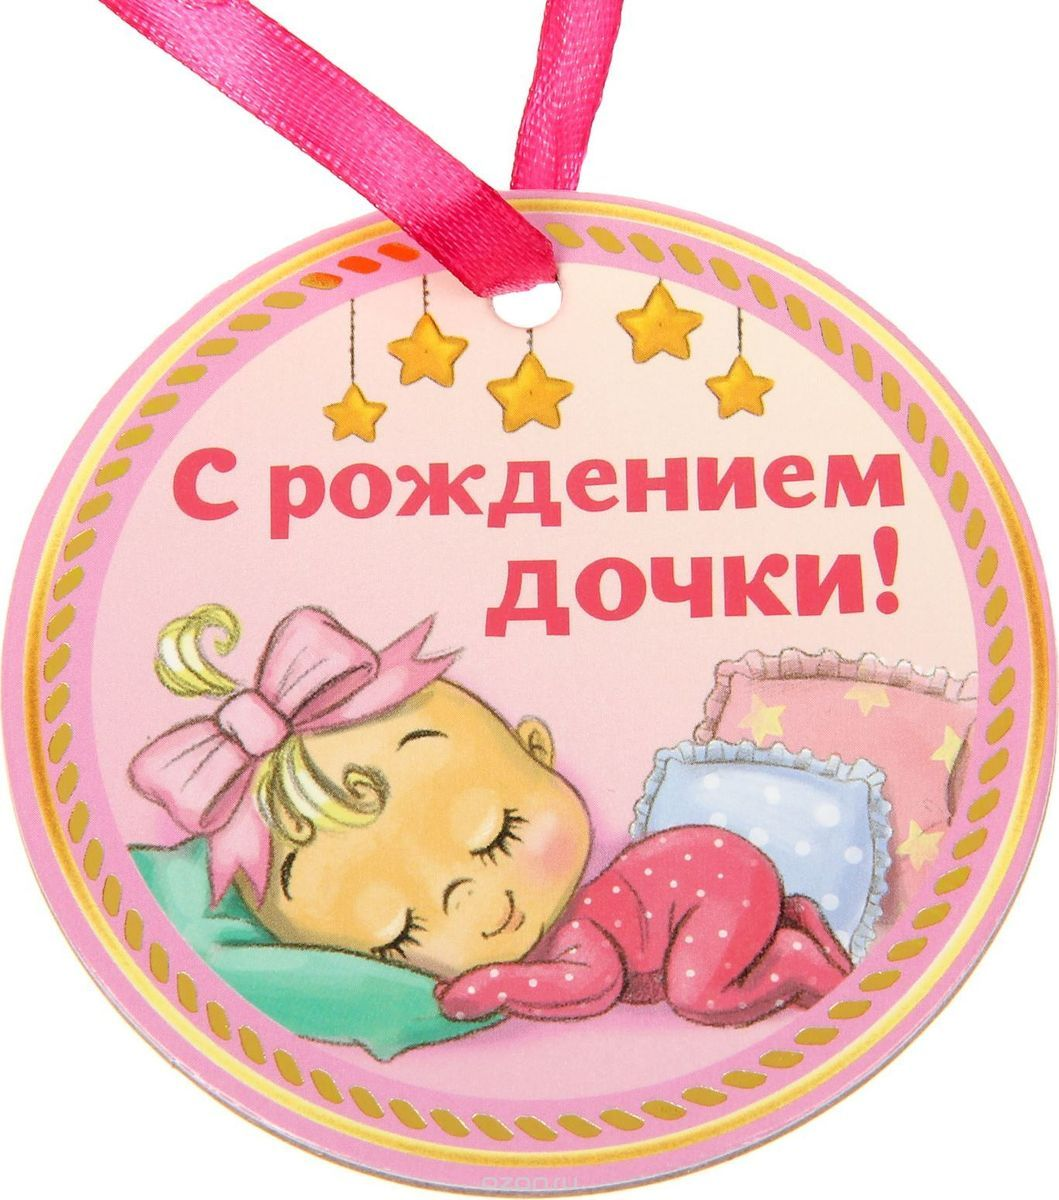 Поздравление с рождением дочки в картинке